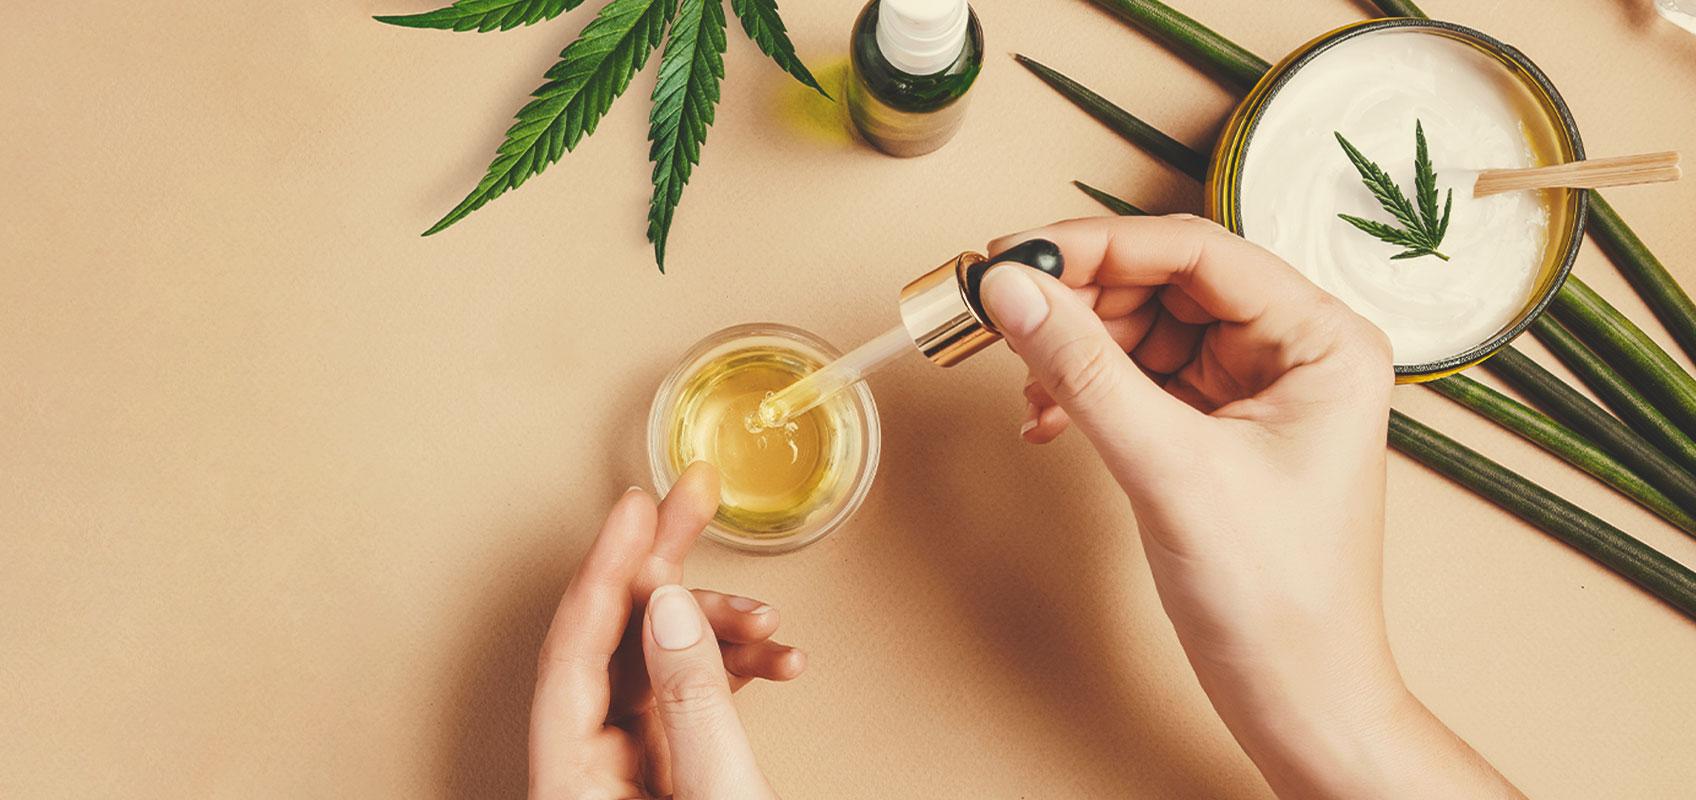 Hoe maak je van therapeutische wietzaadjes CBD-olie?